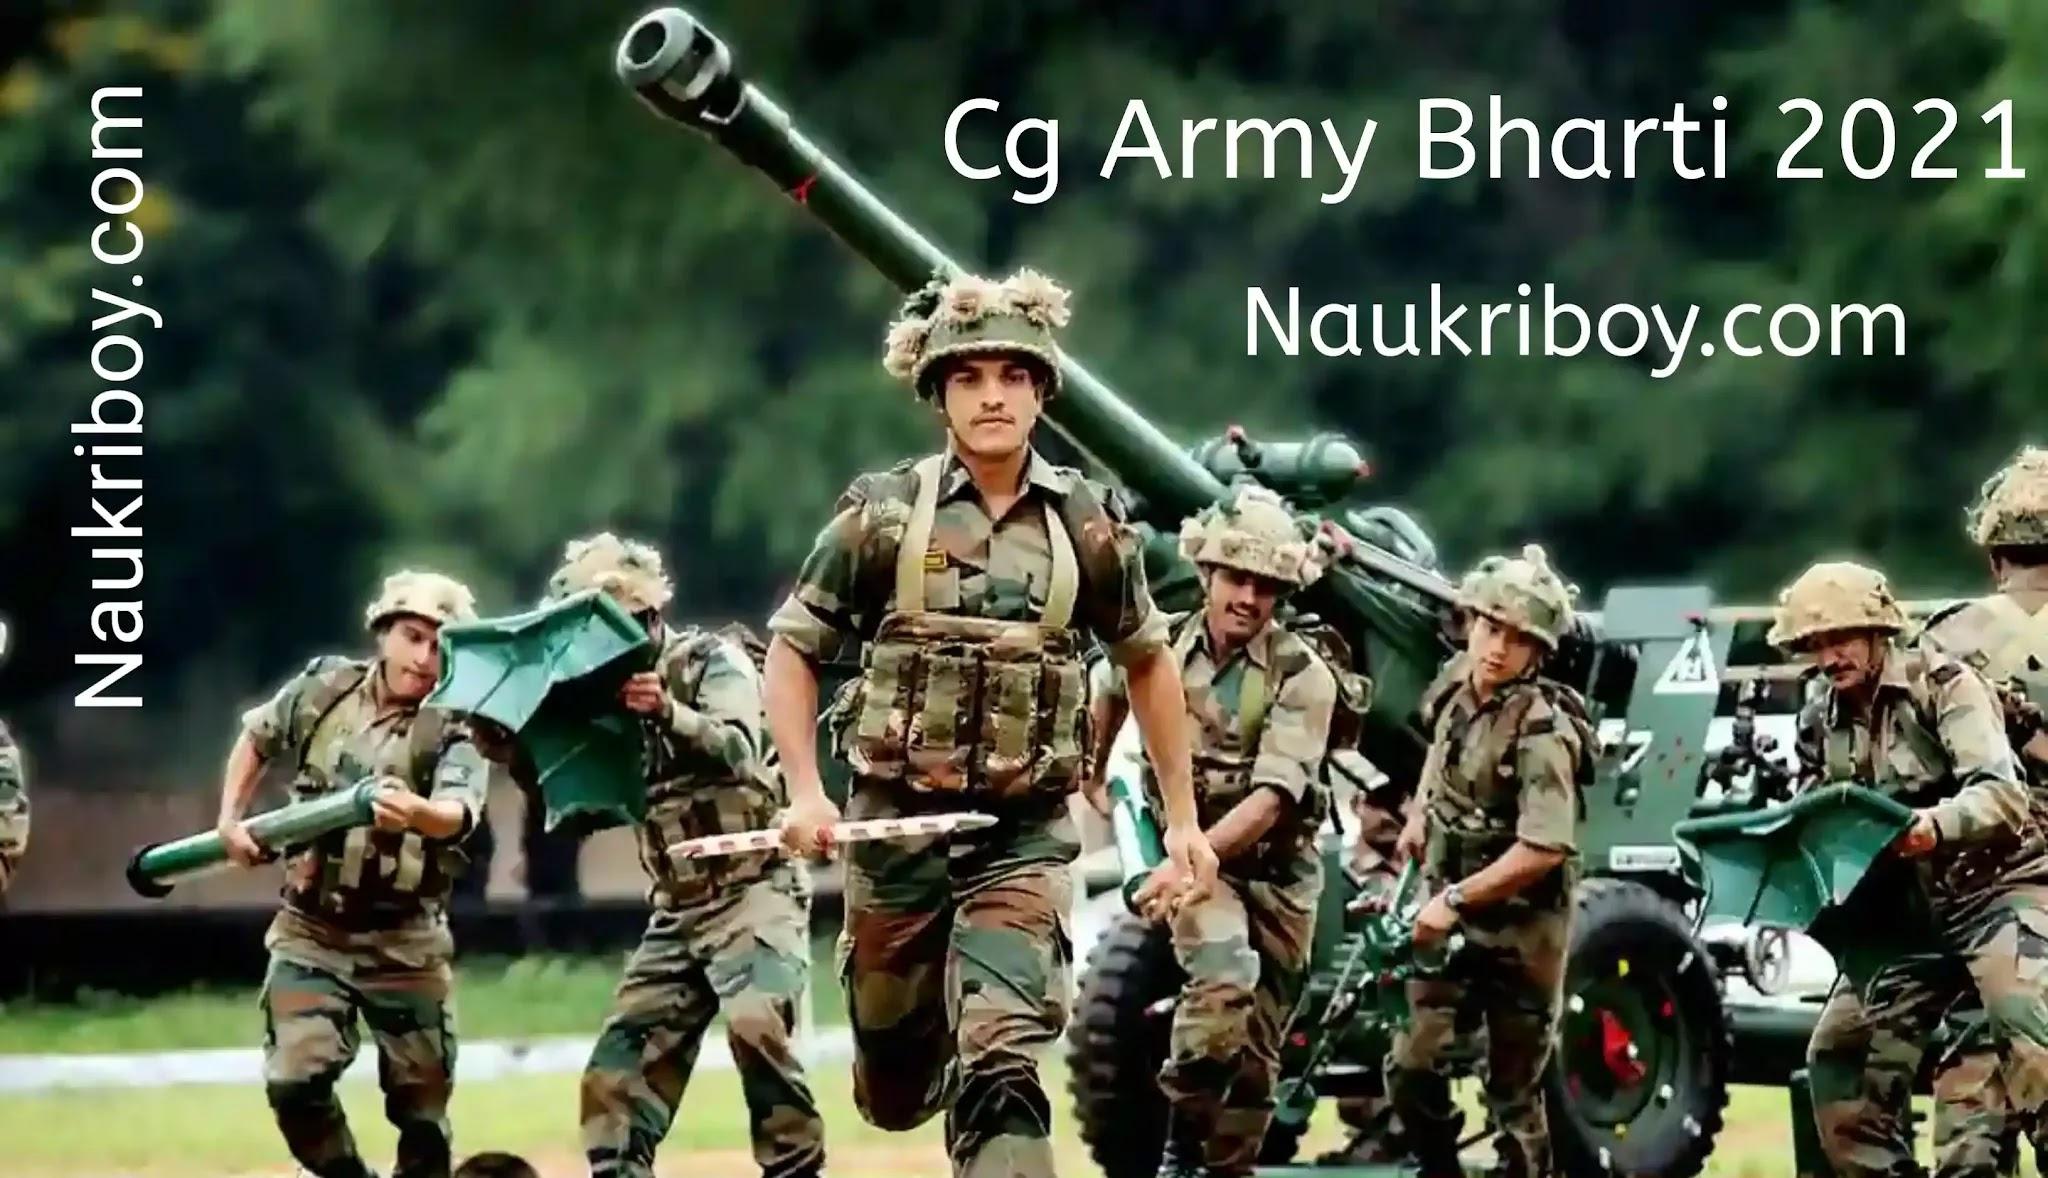 cg आर्मी भर्ती 2021 छत्तीसगढ़ आर्मी भर्ती बस्तर आर्मी भर्ती 2021 bastar army bharti 2021 army recruitment 2021 letest army bharti in cg chhattisgarh army bharti 2021 defense job naurki boy.com naukri boy